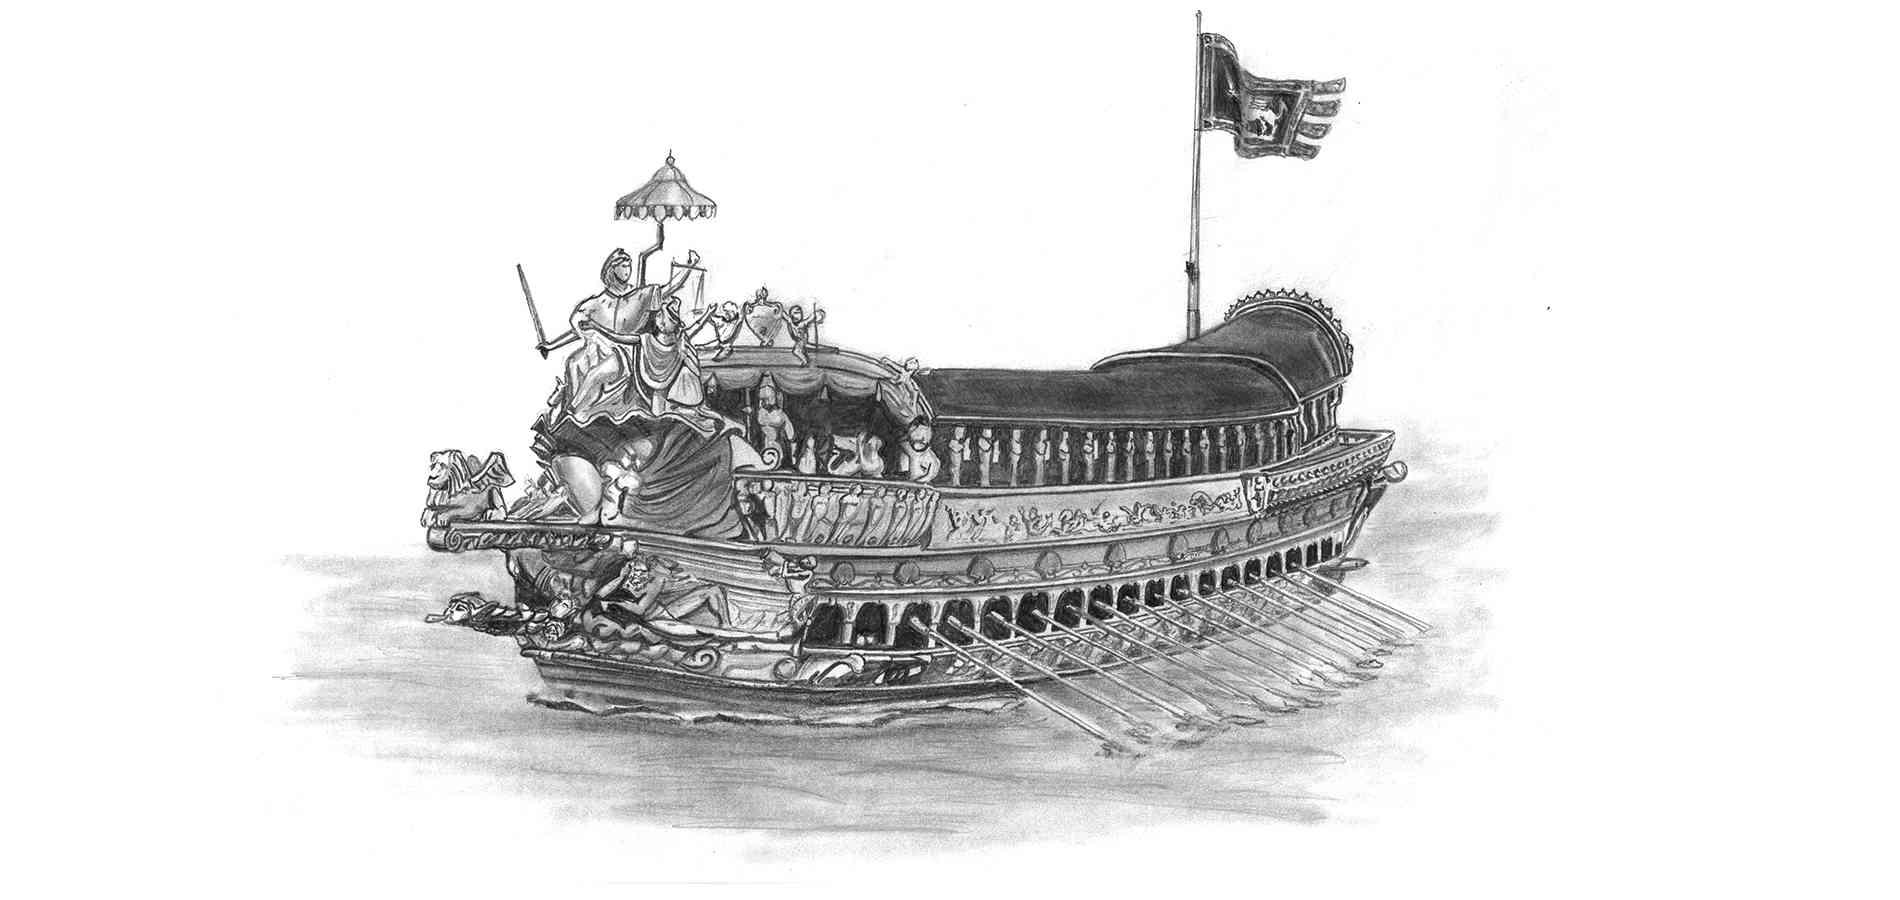 Bucentauro de Venecia